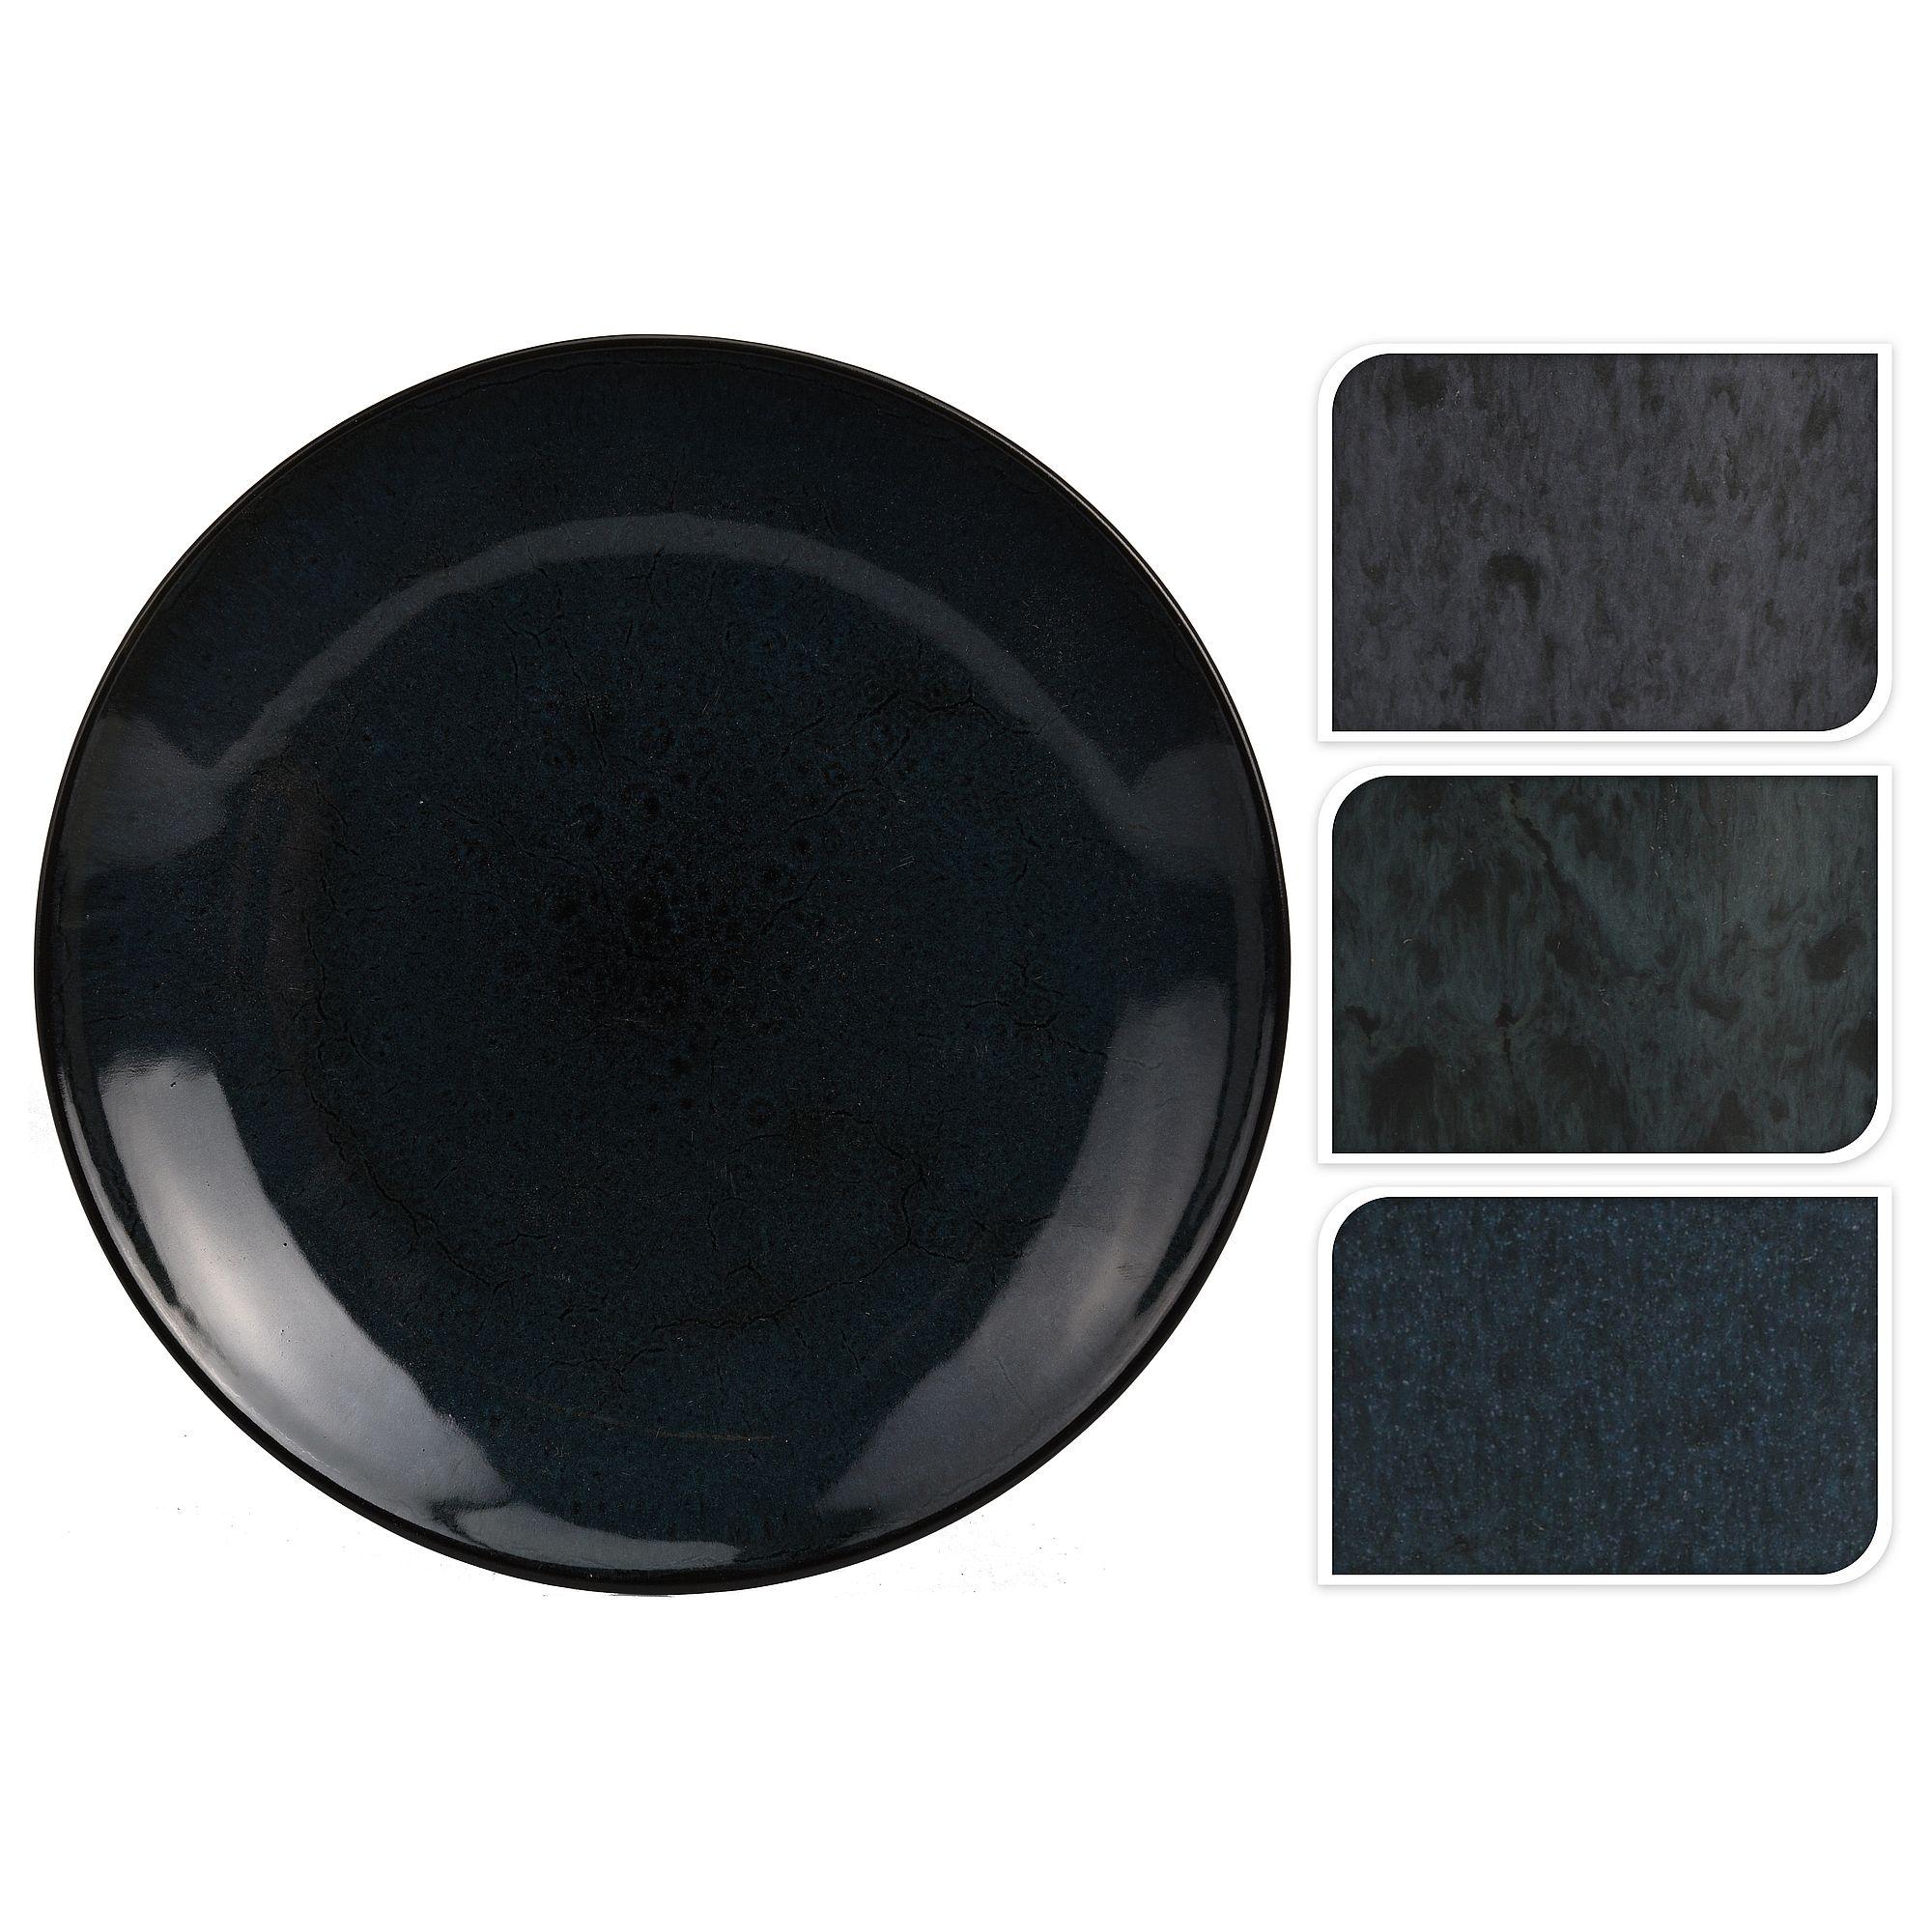 ТарелкаТарелка Excellent Houseware займет достойное место на любой современной кухне. Посуда выполнена из прочного и долговечного материала, а для ее окрашивания использованы современные высококачественные пигменты, поэтому тарелку можно мыть всевозможными моющими средствами. Размер тарелки в диаметре составляет 20 см, поэтому она легко помещается в холодильник или на полку пространства для хранения. Изделие выполнено в темном цвете и отличается асимметричными разводами, которые напоминают текстуру природного камня. Тарелку можно использовать для вторых блюд, а также для подачи фруктов или овощей.<br>